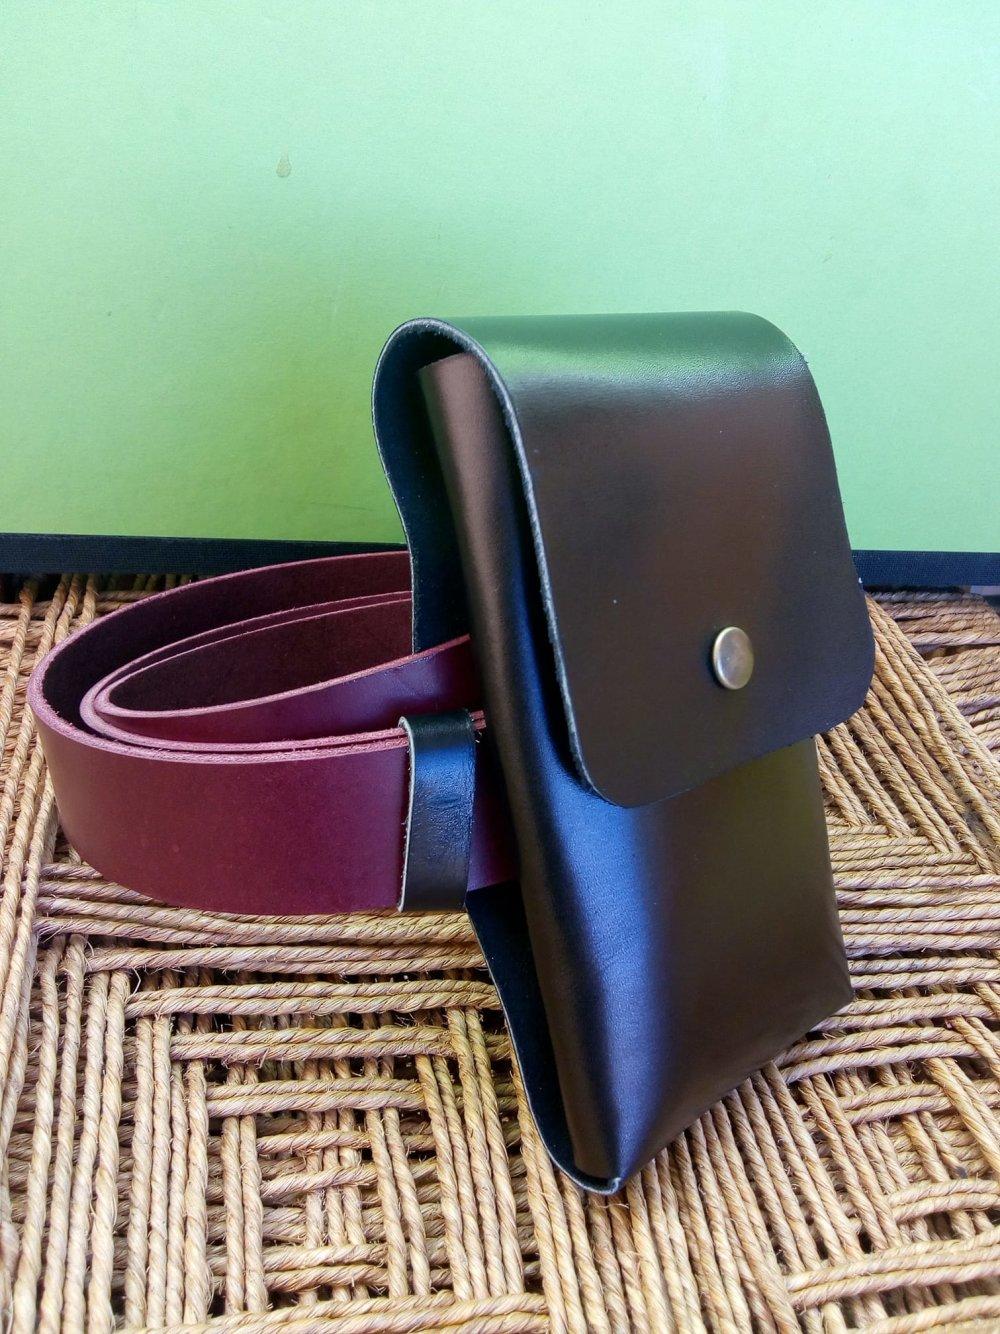 Etuis smart phone pour ceintures